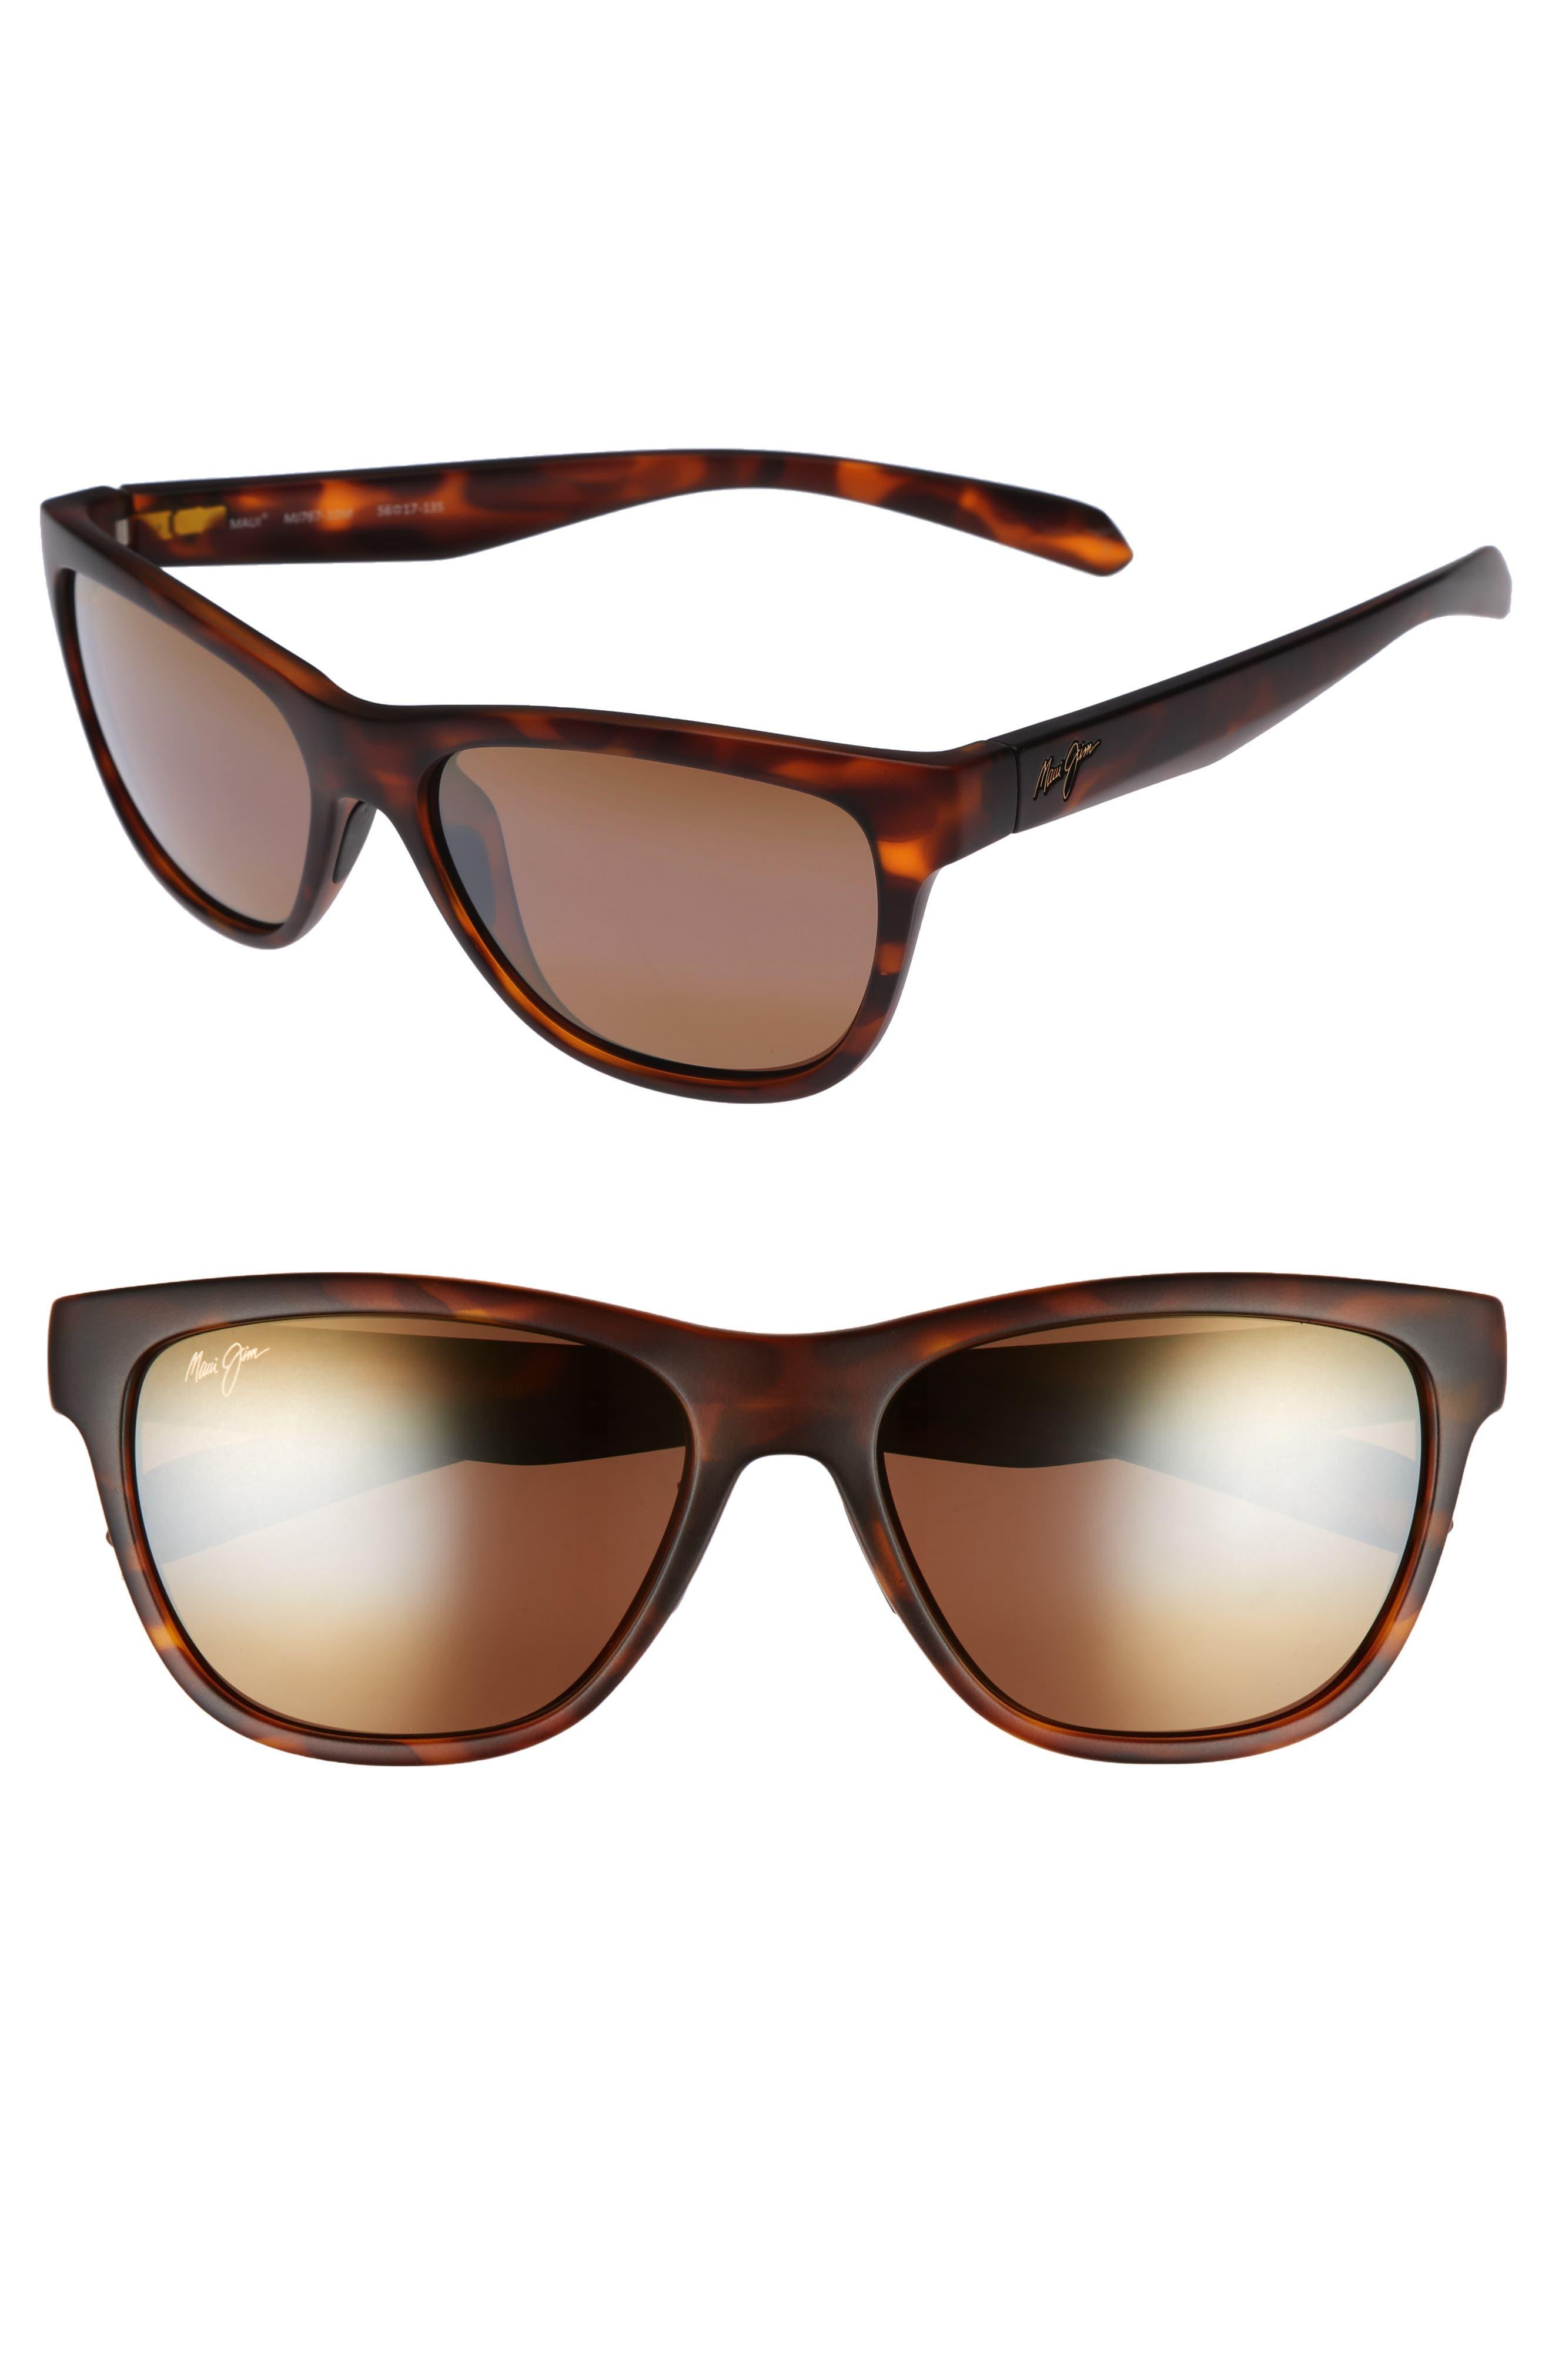 Secrets 56mm PolarizedPlus2<sup>®</sup> Sunglasses,                             Main thumbnail 1, color,                             MATTE TORTOISE/ BRONZE